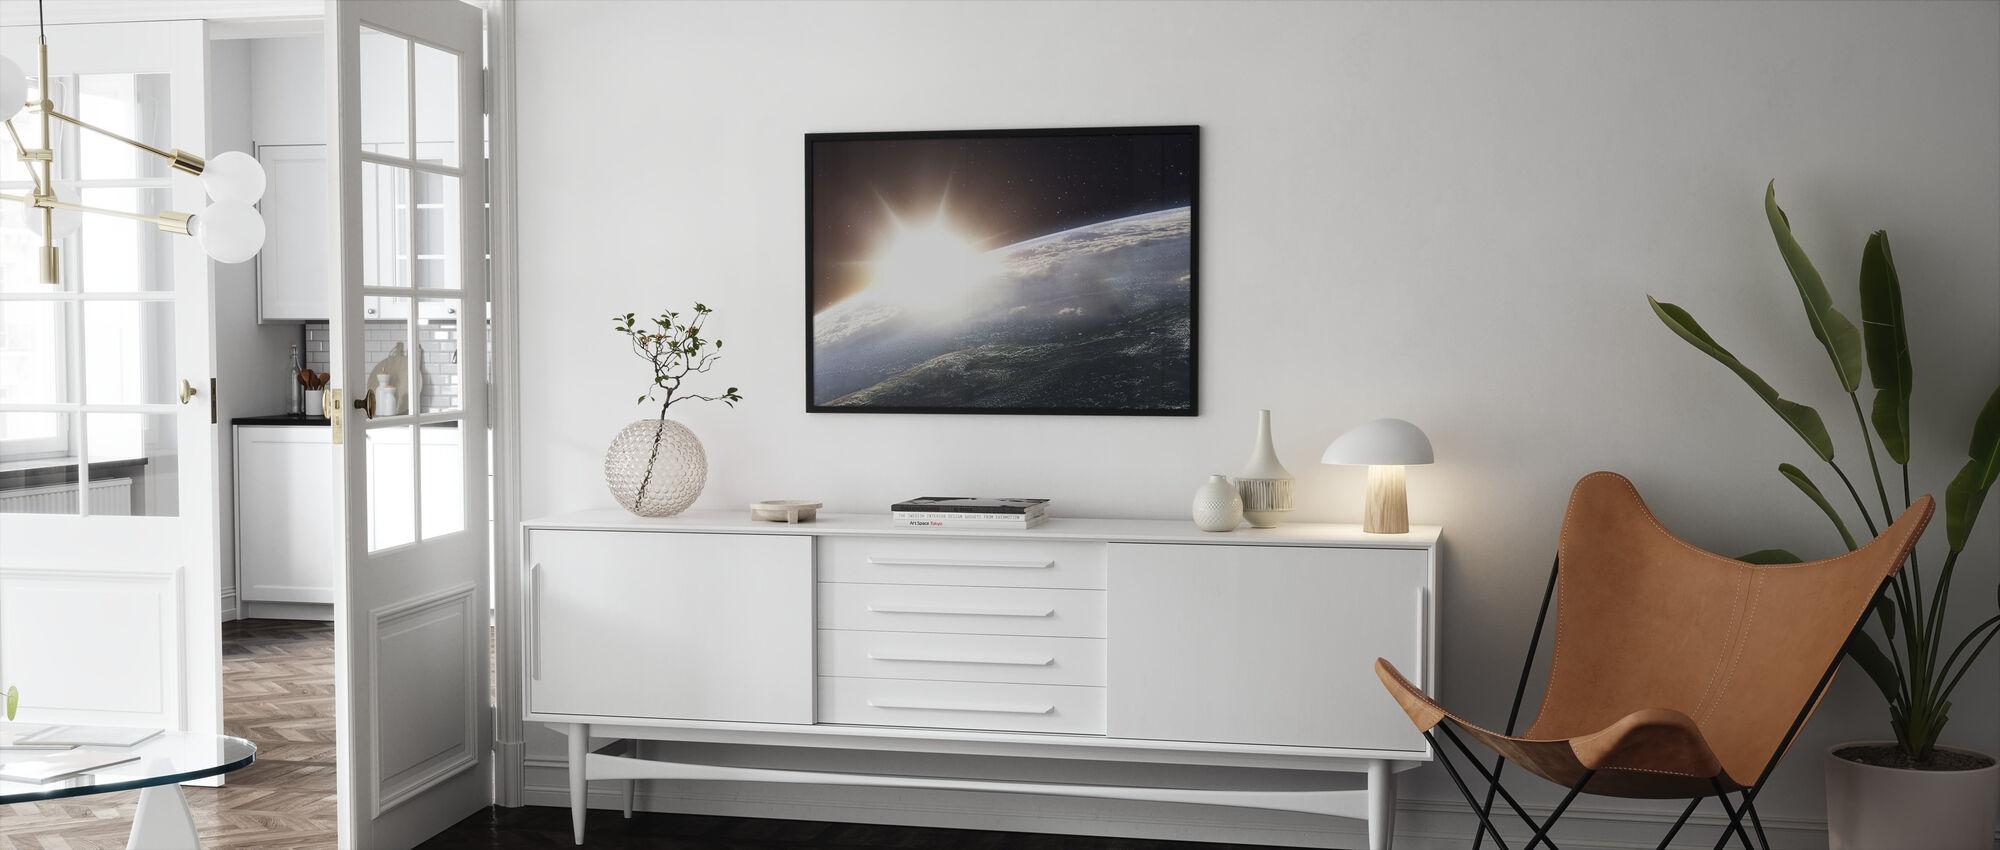 Sun over Earth - Framed print - Living Room